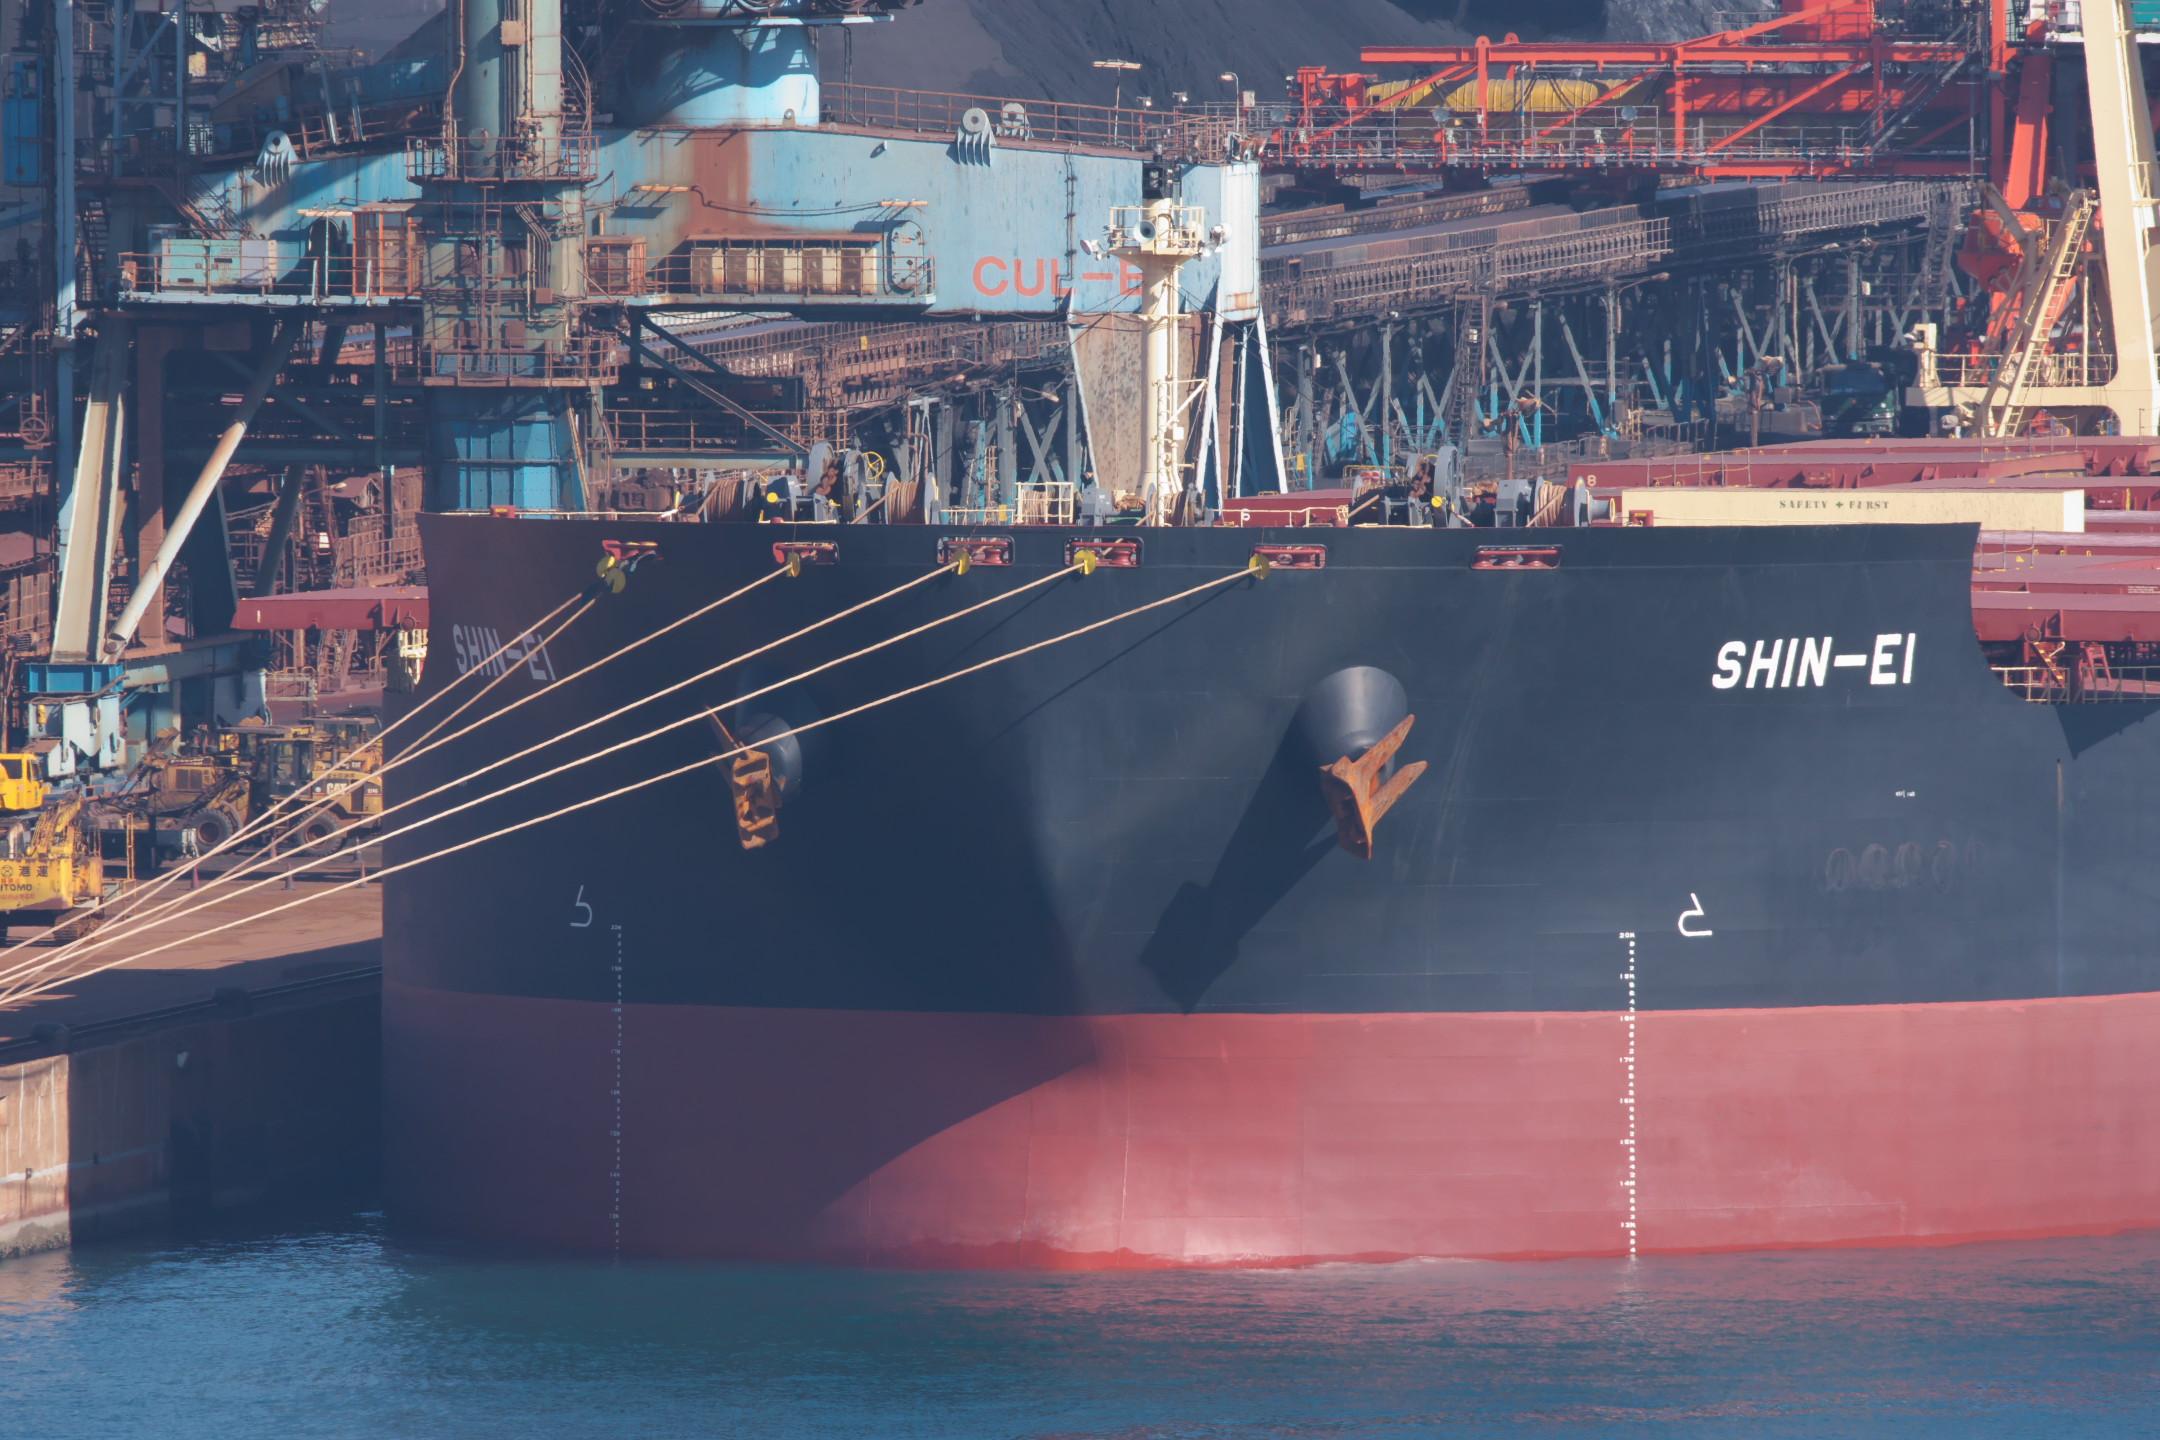 鹿島港製鉄所岸壁に接岸する大型タンカー